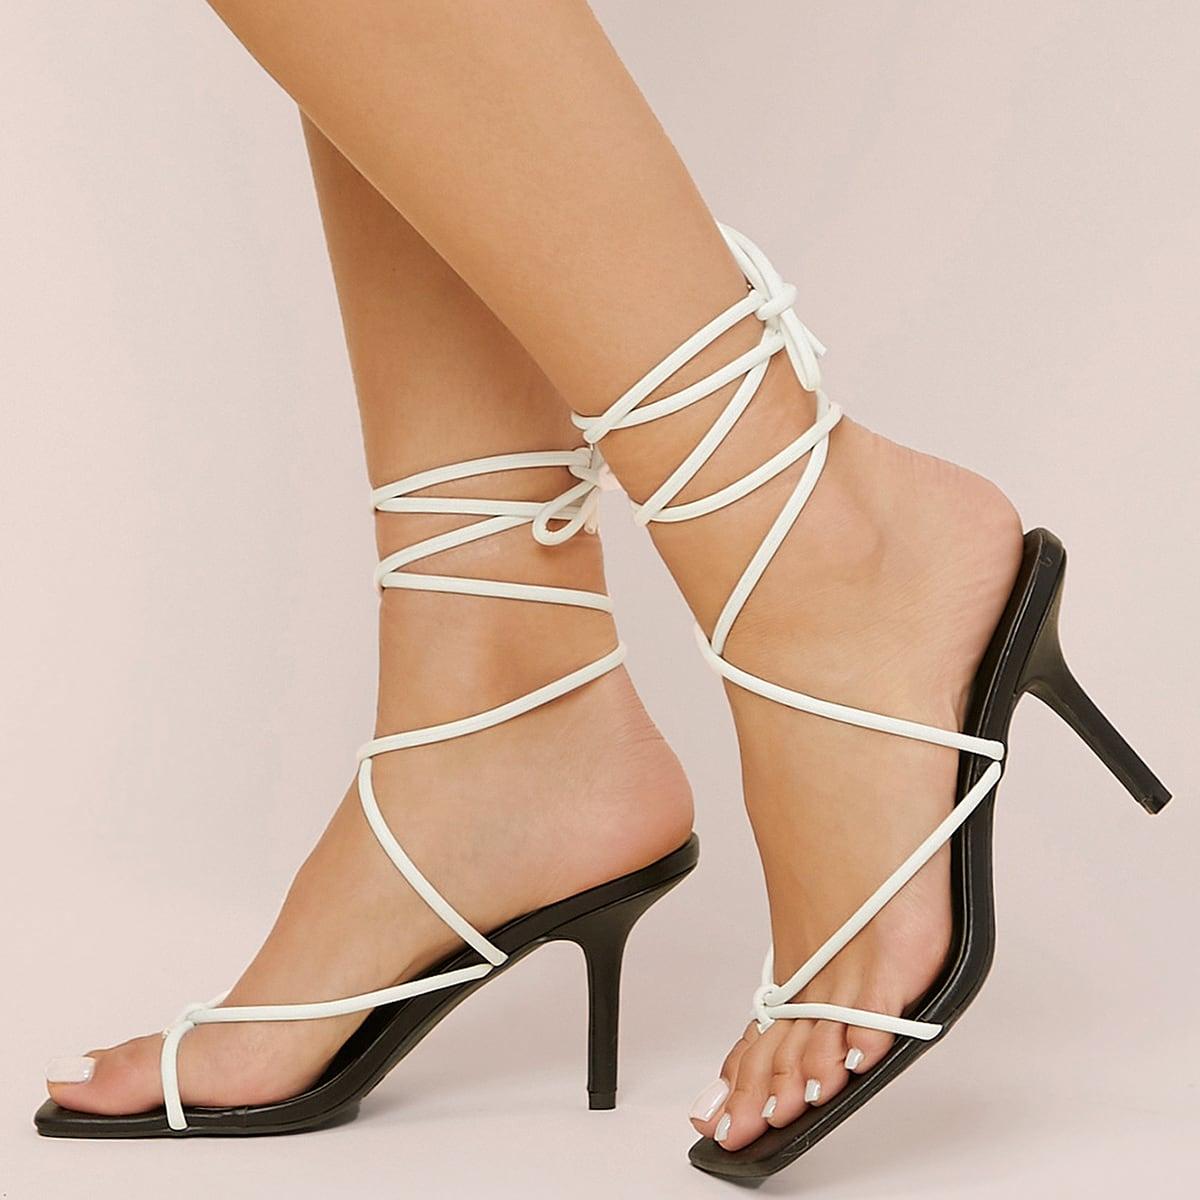 Туфли на каблуках с открытым носком из искусственной кожи